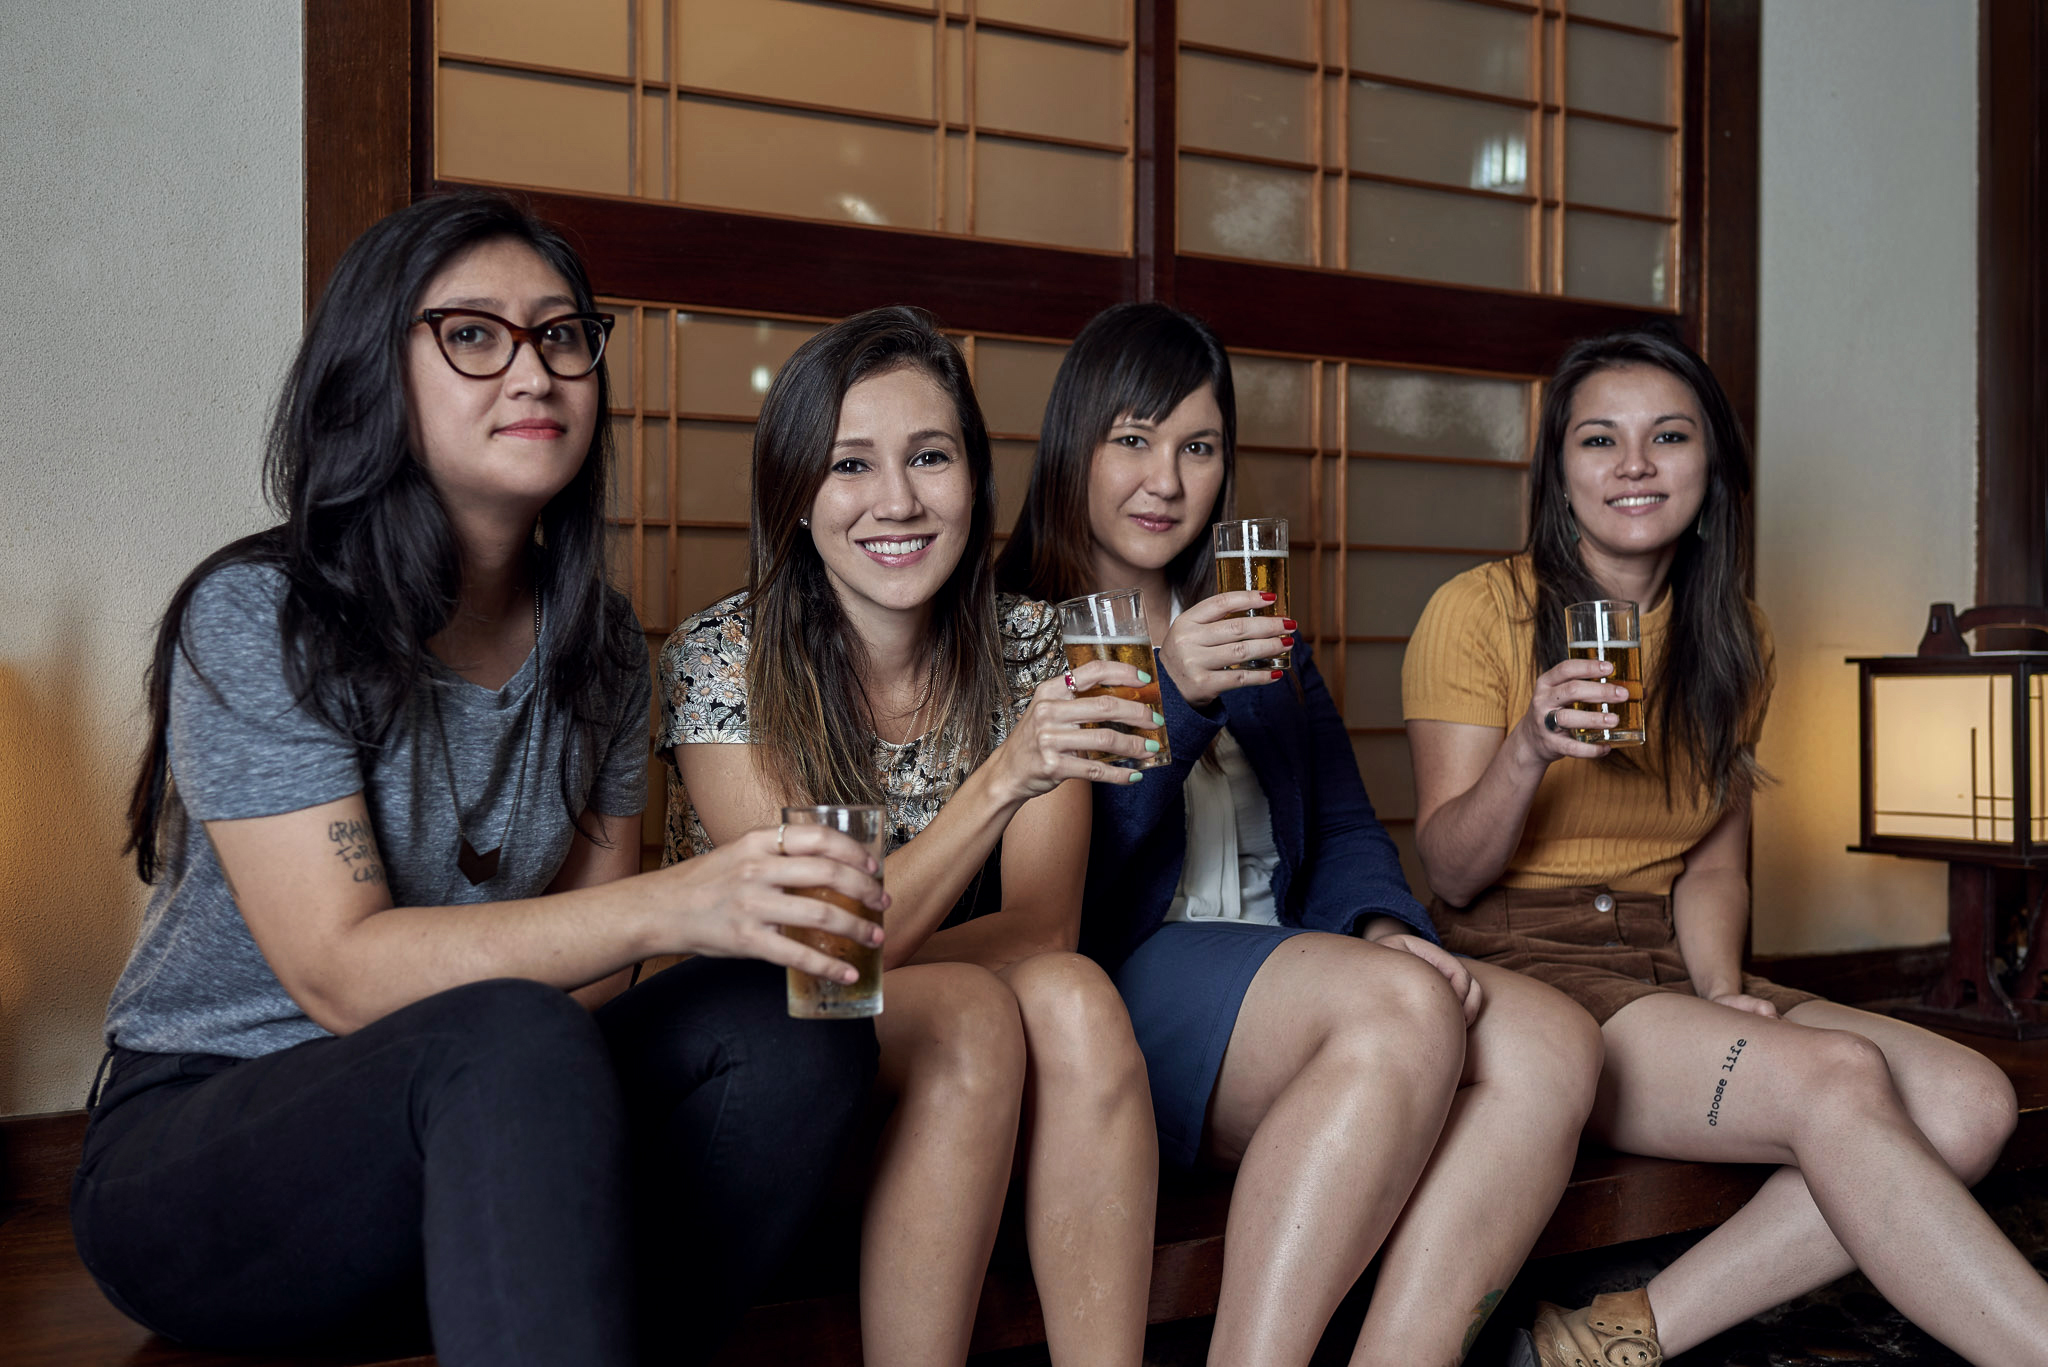 """Cervejaria é formada por quatro """"nipodescendentes"""": Yumi Shimada, Fernanda Ueno,Maíra Kimura e Carol Okubo (Foto: Bruno Fujii/Divulgação)"""